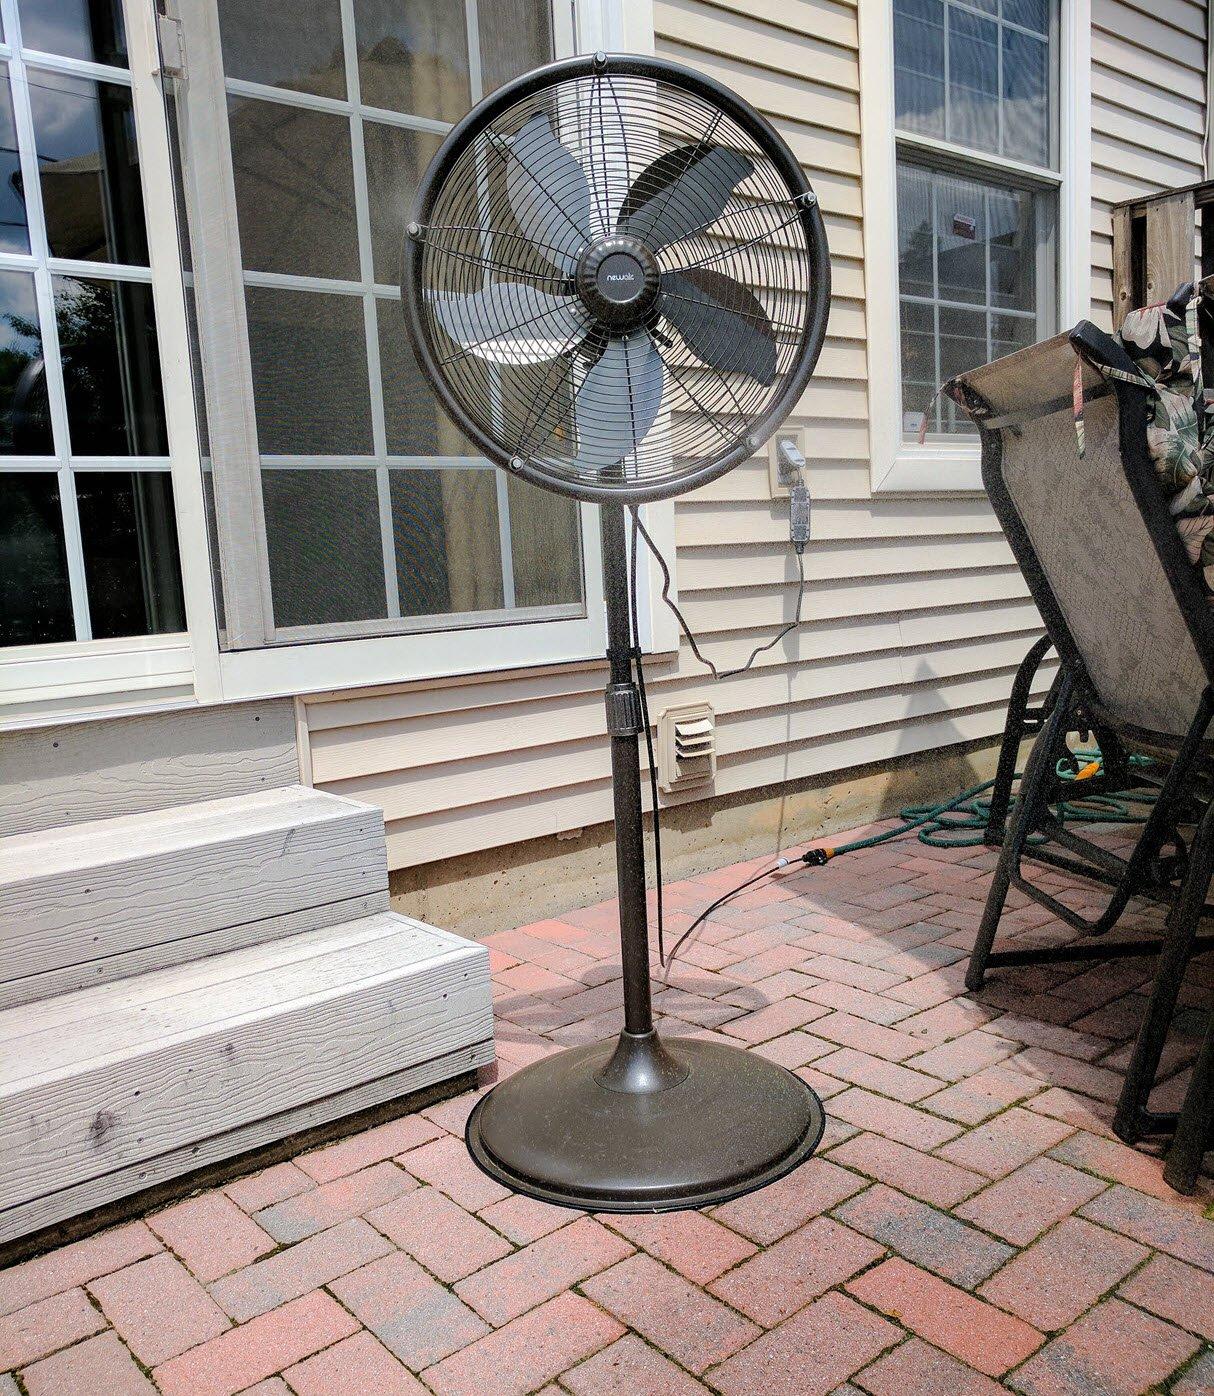 newair outdoor misting fan - Outdoor Misting Fan